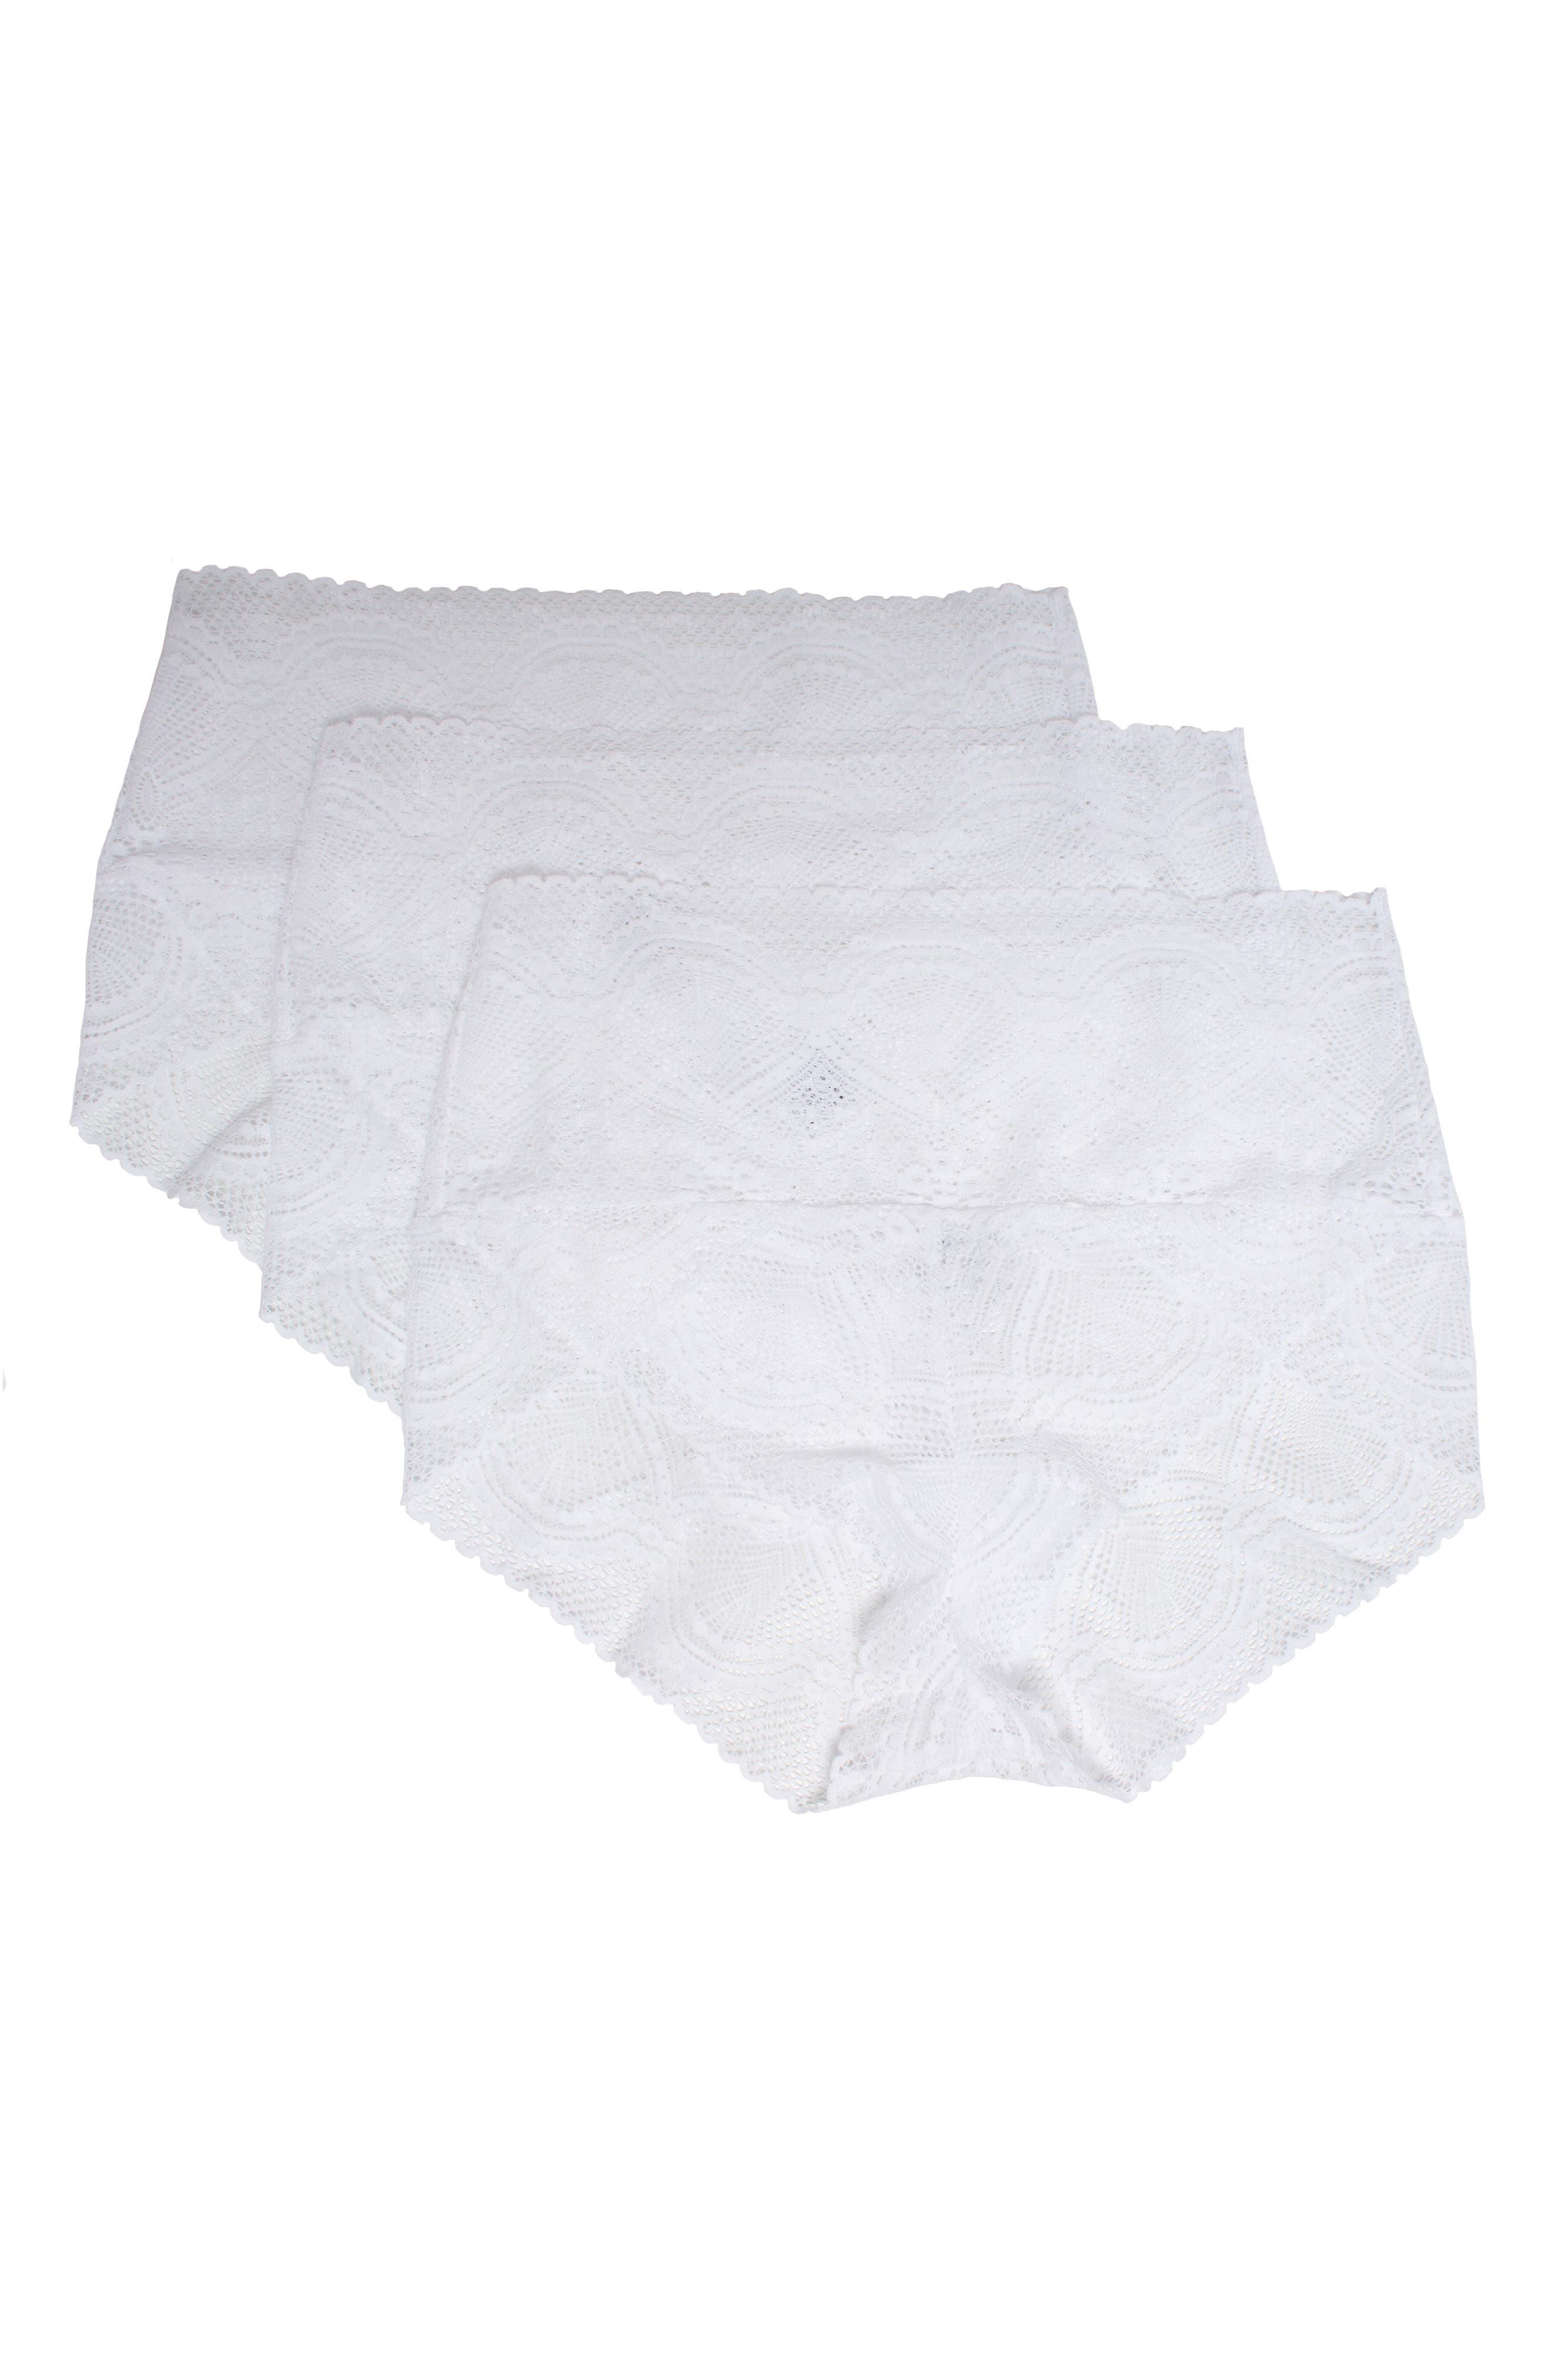 Mock Wrap 3-Pack Lace Briefs